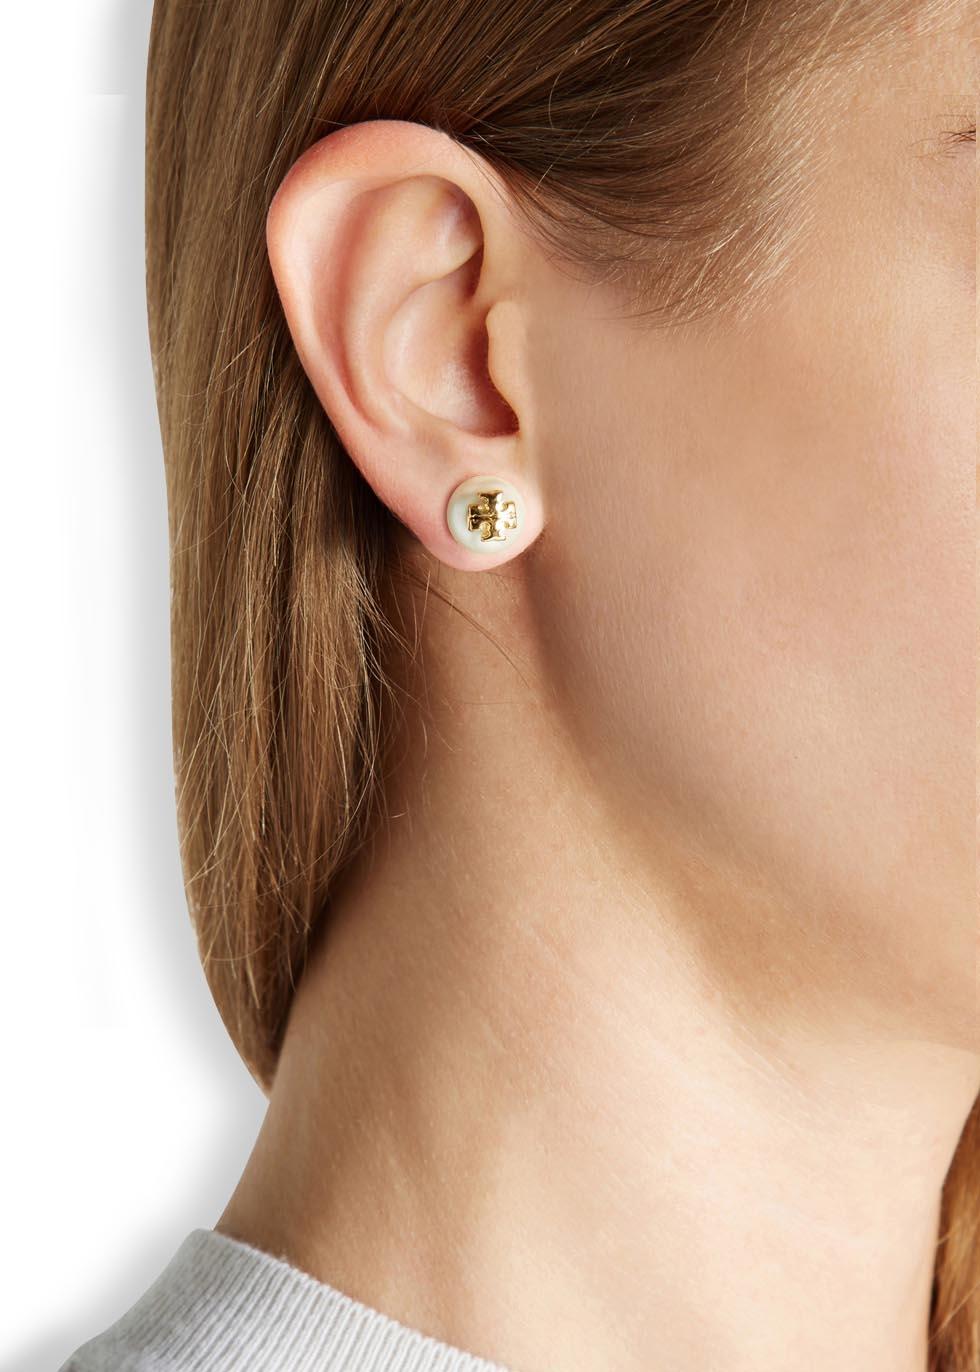 Tory Burch Pearly Logo Stud Earrings 8Igj6Uw